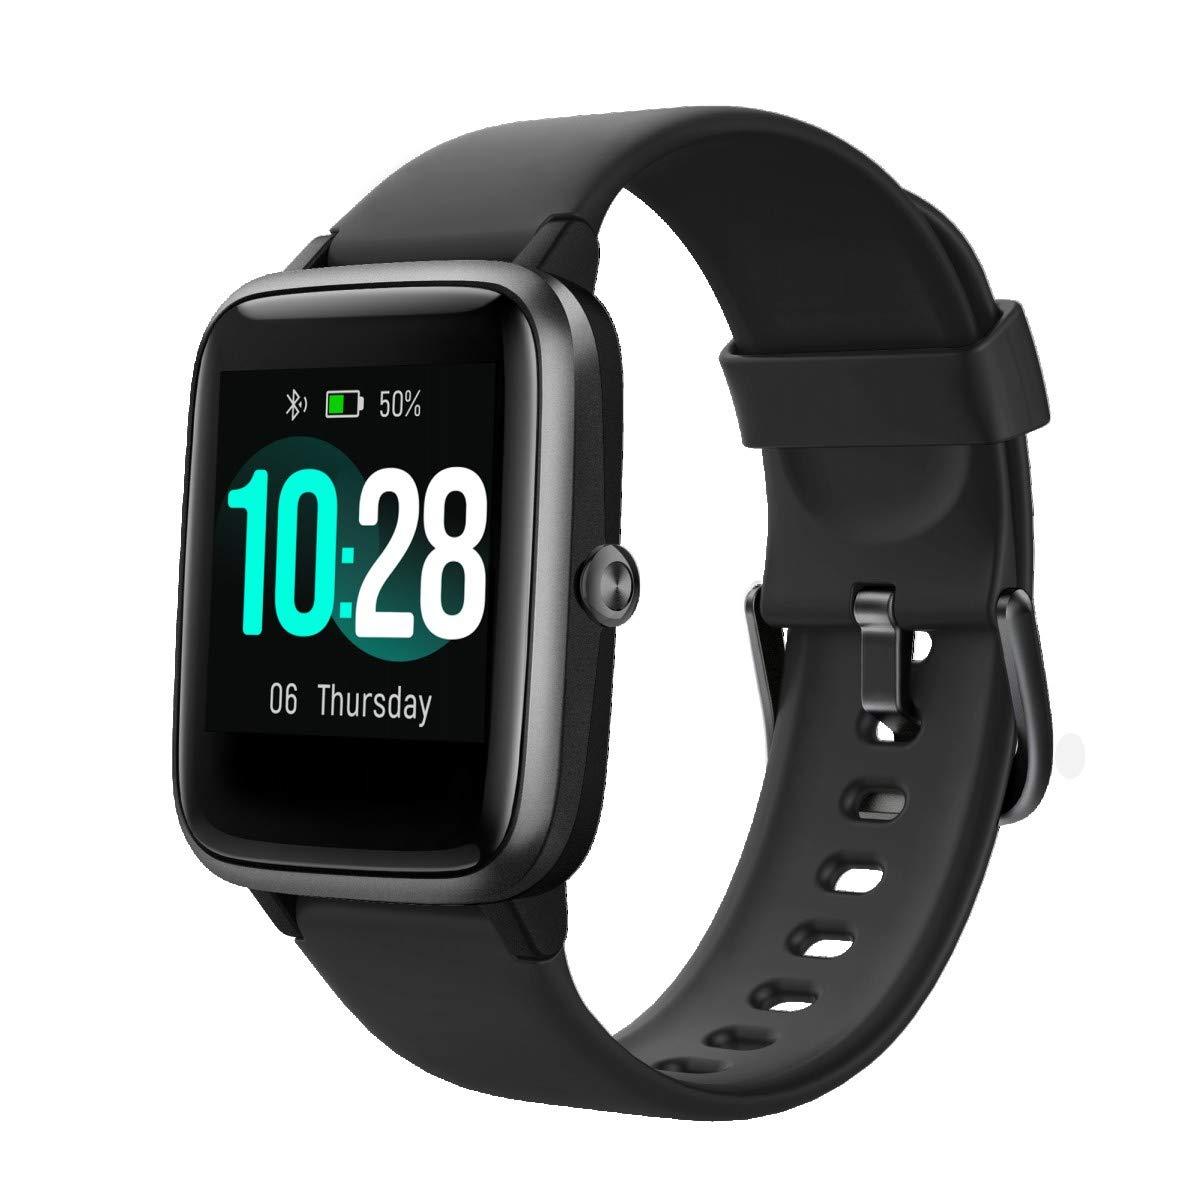 TOOBUR Smartwatch, IP68 Impermeable Reloj Inteligente con Pulsómetro, 1.3 Pulgada Pulsera Actividad Inteligente con Podómetro Monitor de Sueño, Reloj Actividad Mujer Hombre Niño para iOS Android